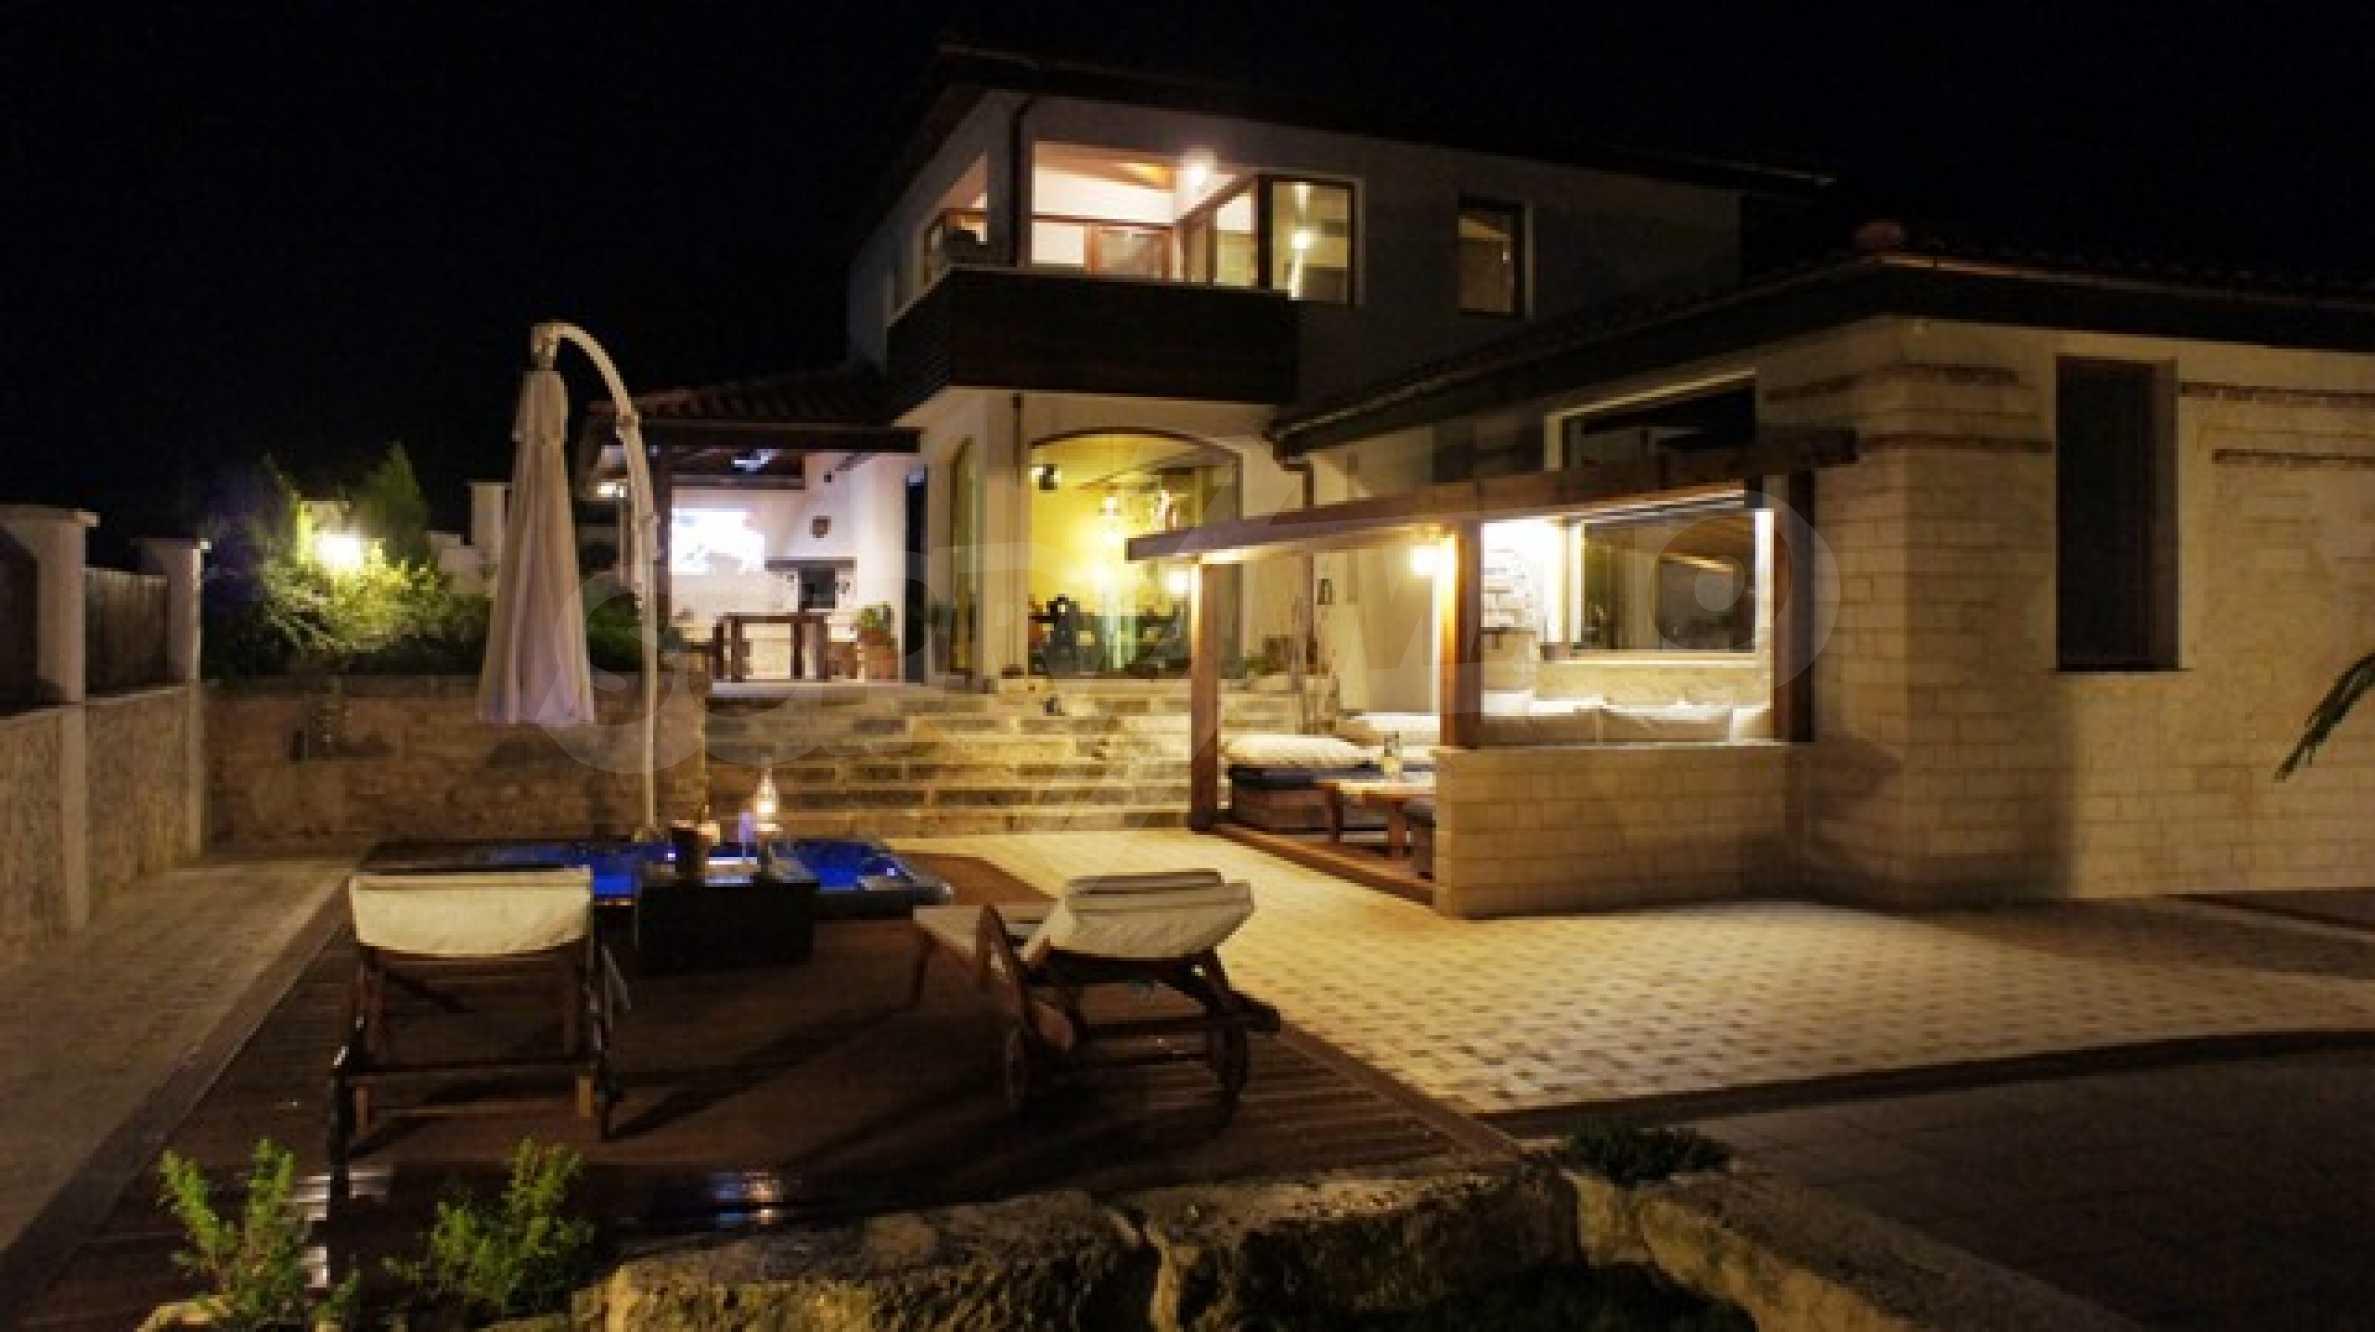 Mediterraner Stil - Luxus zum Sonderpreis 56